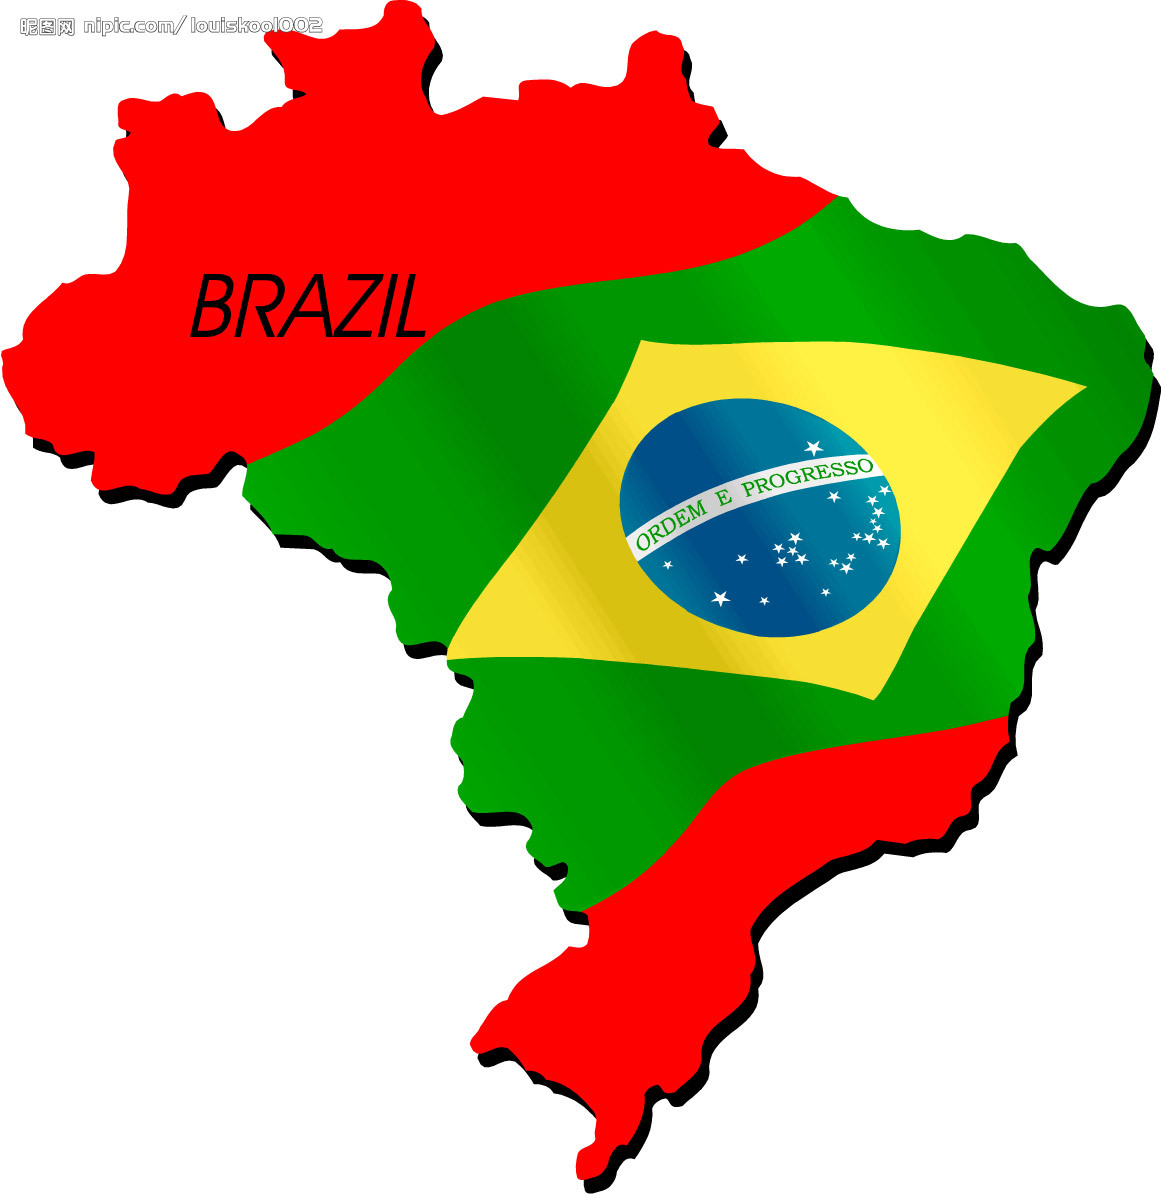 近年来,由于出口结构的变化和国际咖啡市场不景气,巴西咖啡生产和出口